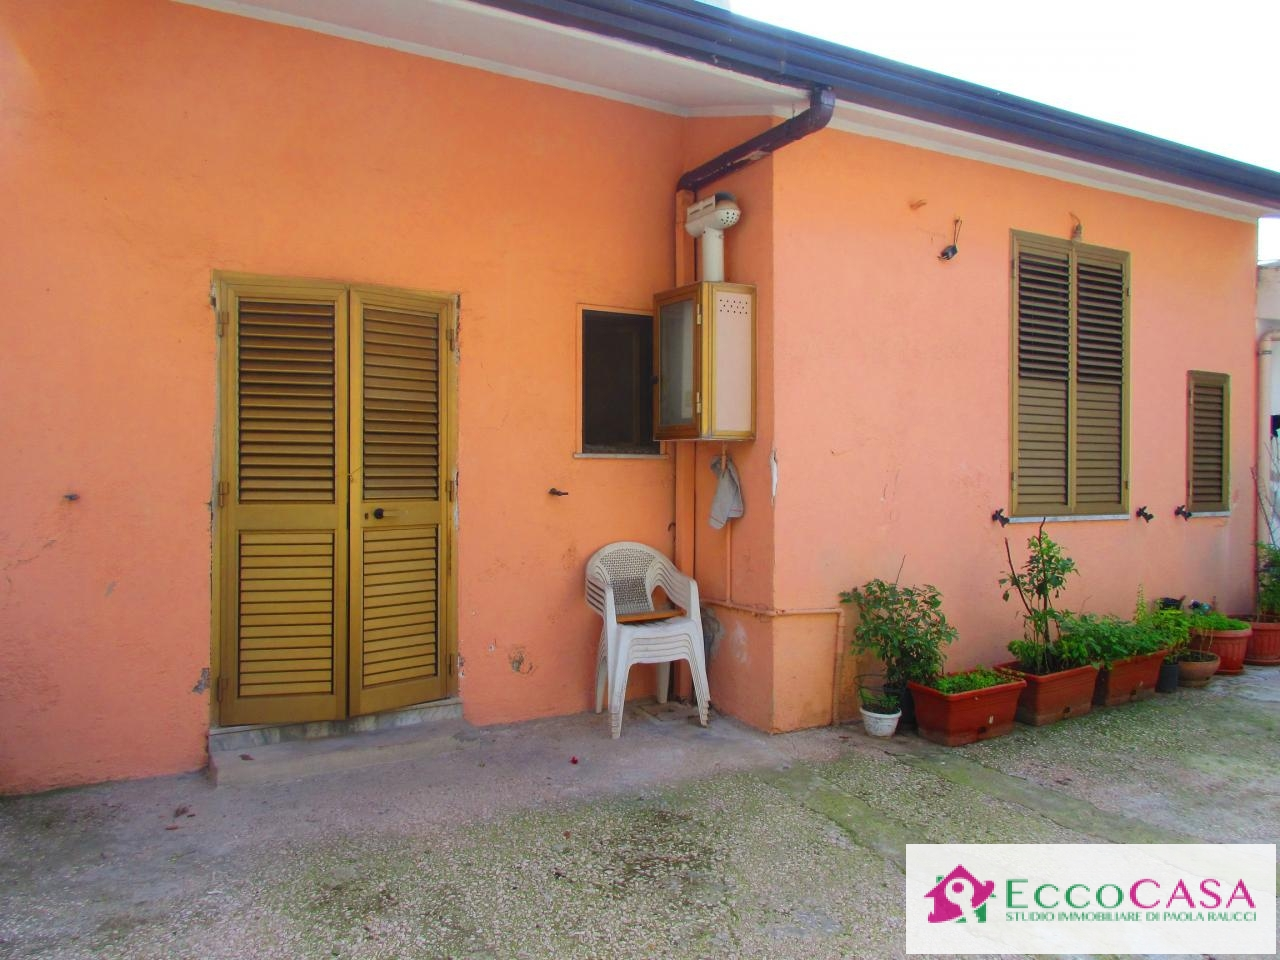 Appartamento in affitto a Maddaloni, 1 locali, prezzo € 200   CambioCasa.it